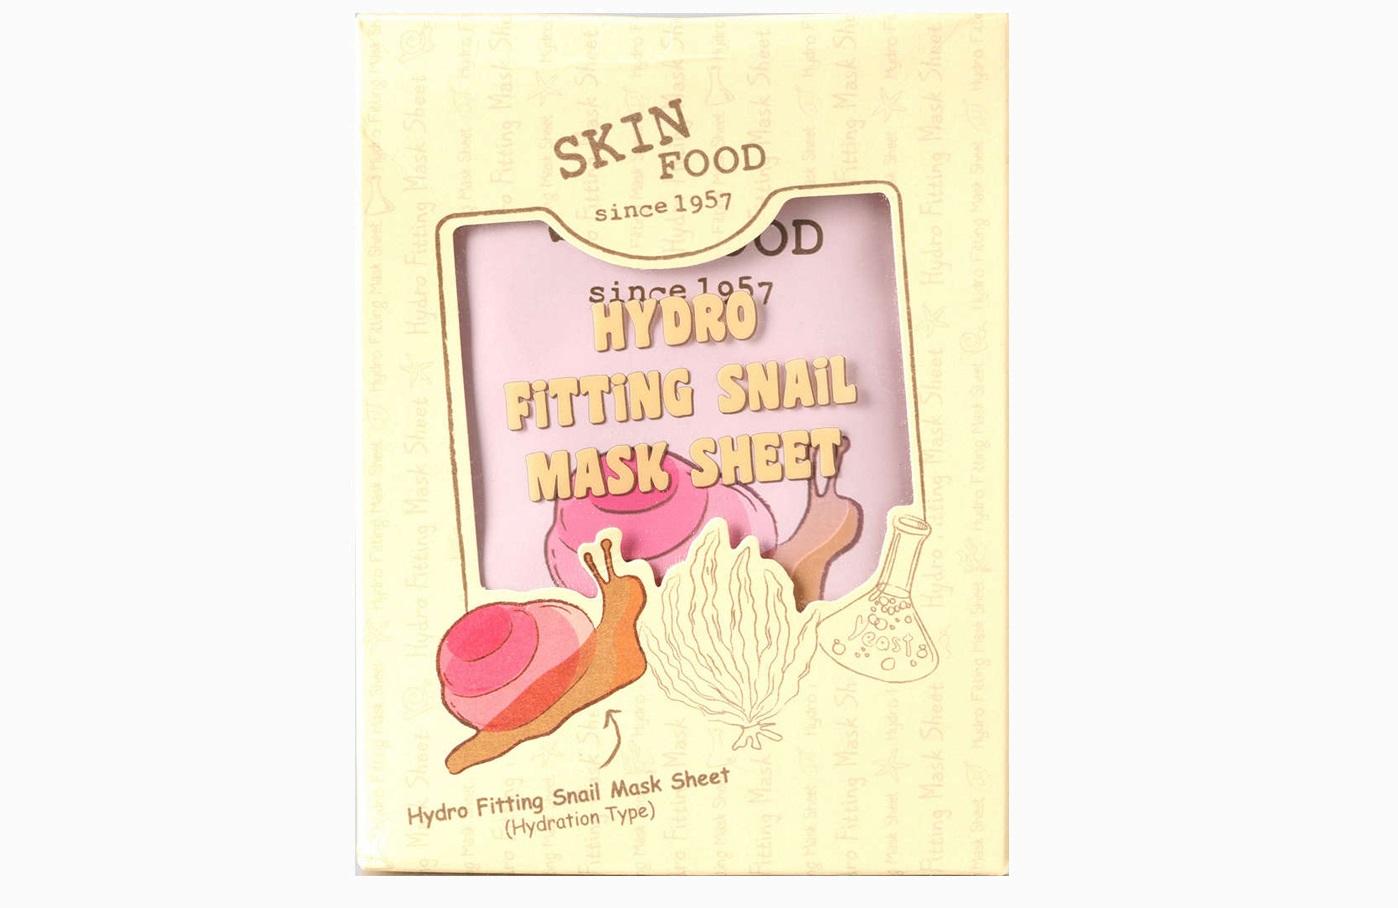 Тканевая маска Skinfood Hydro Fitting Snail Mask Sheet от Skinfood (1 100 руб. за 5 шт.)